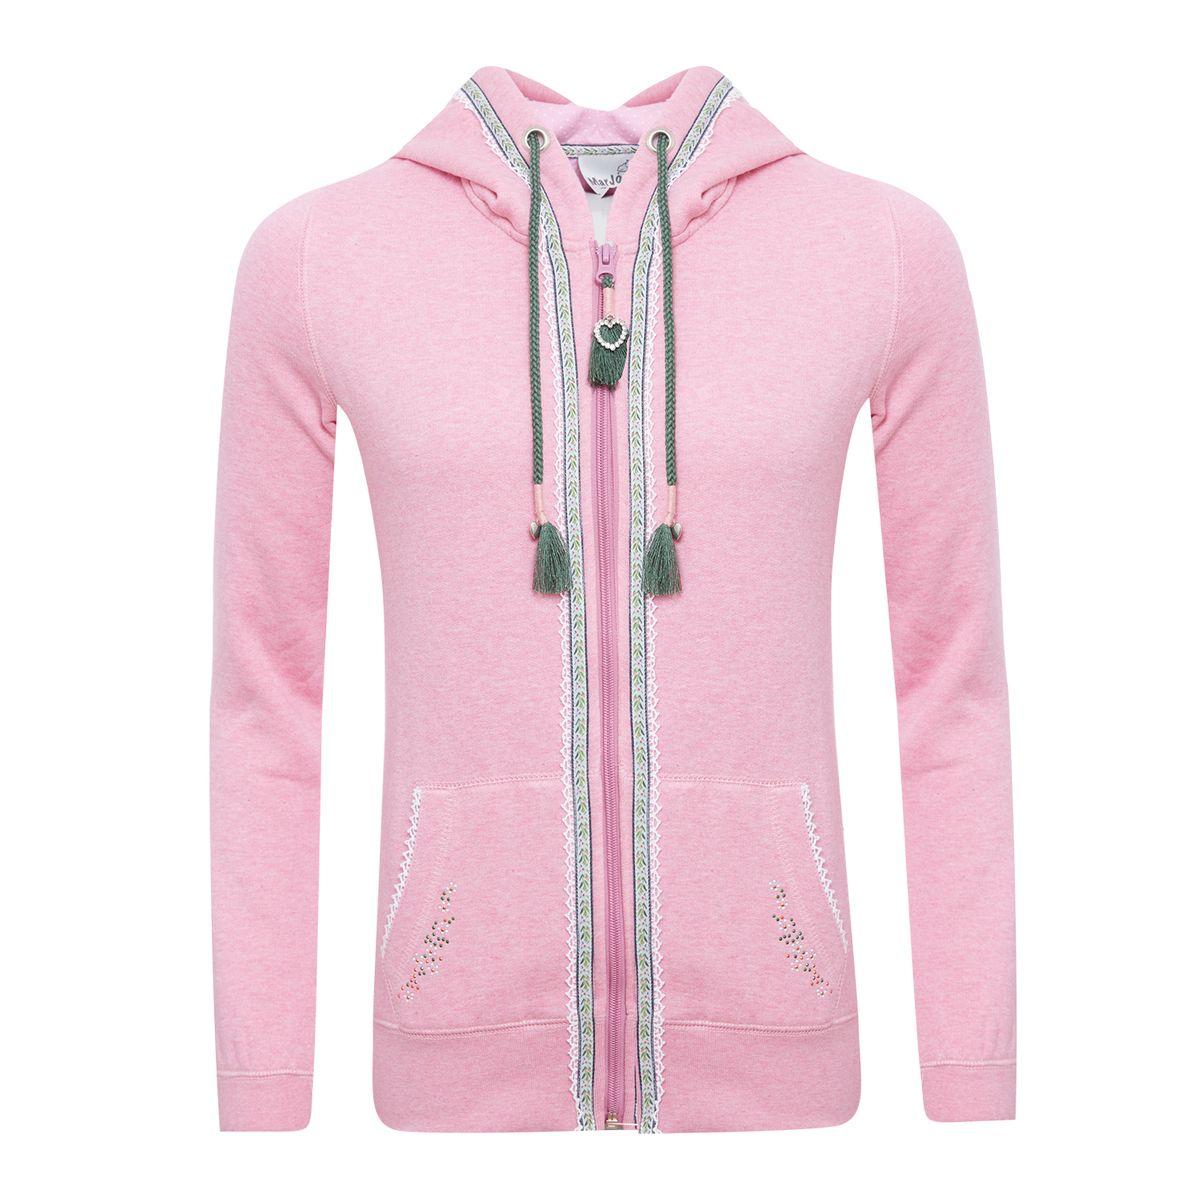 Trachtenhoodie Dakaria in Pink von Marjo Trachten